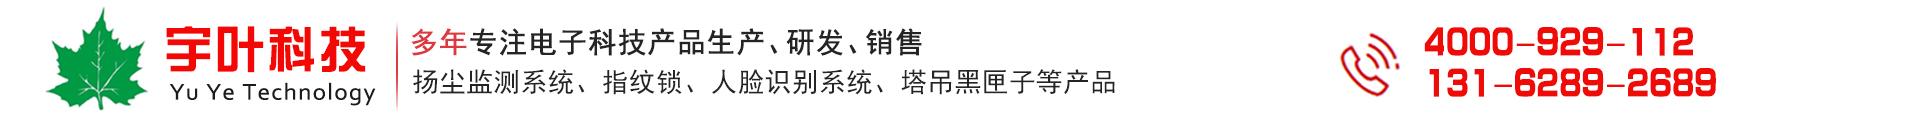 上海宇叶电子科技有限公司